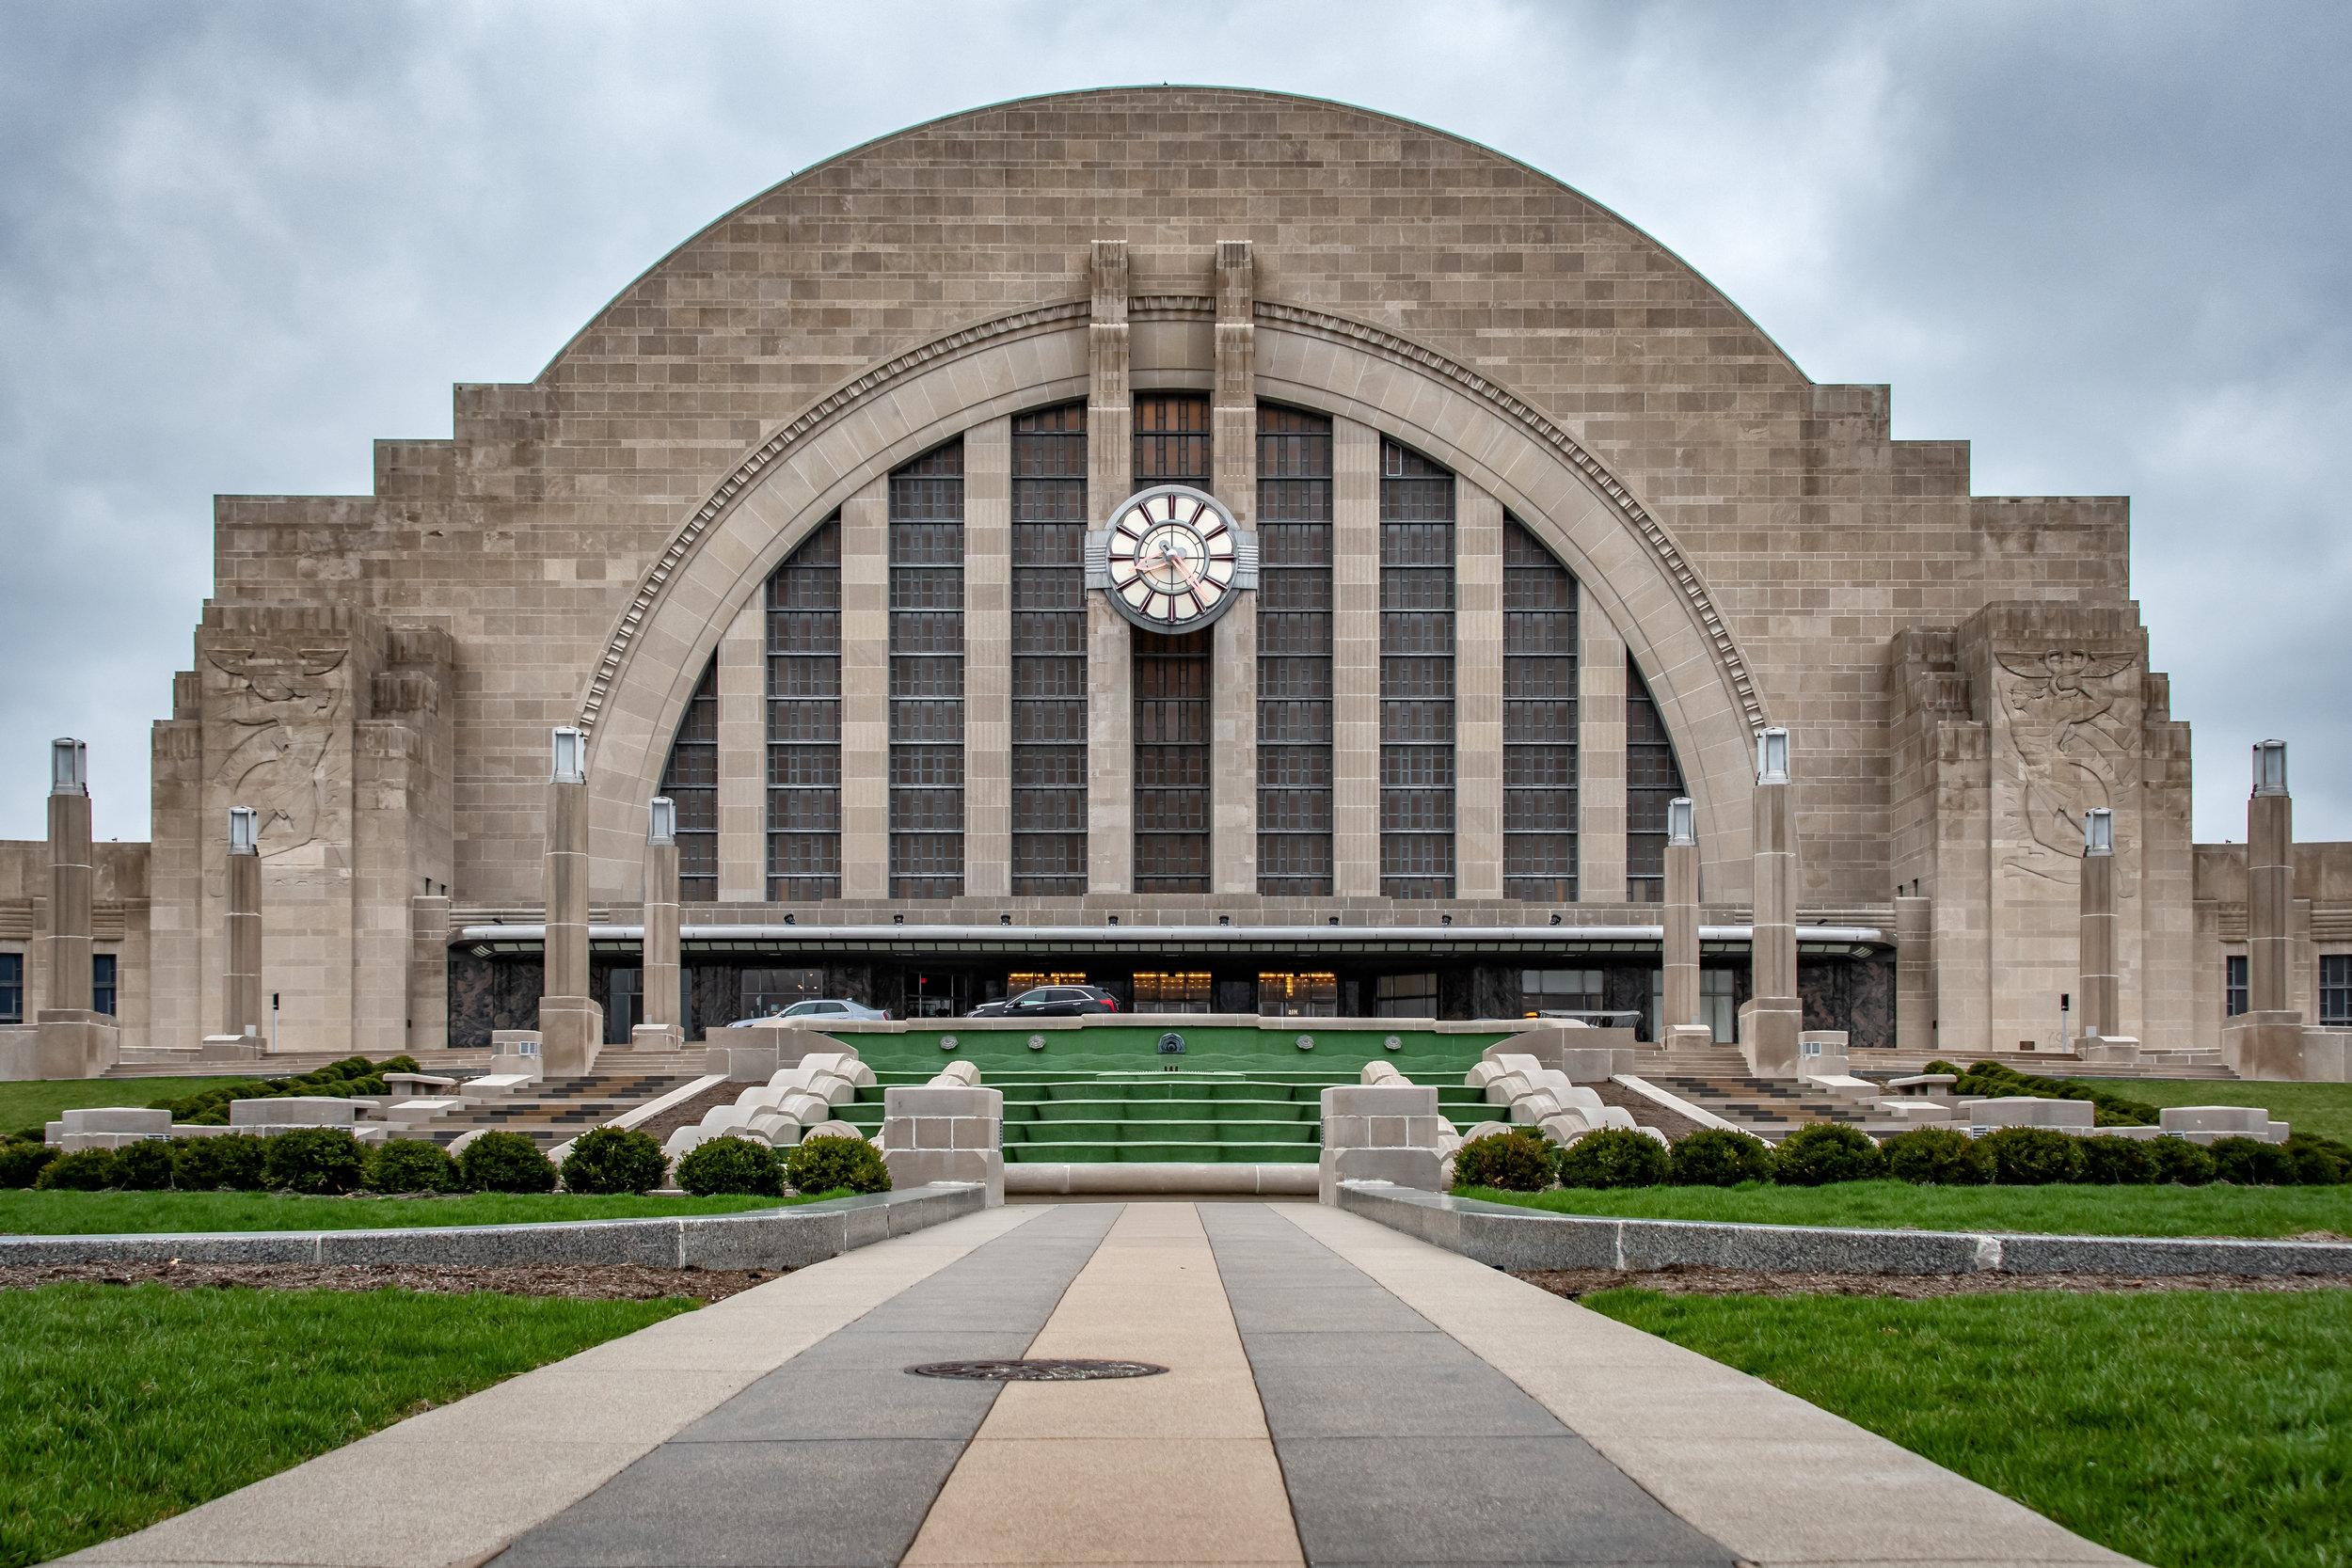 Union Terminal in Cincinnati